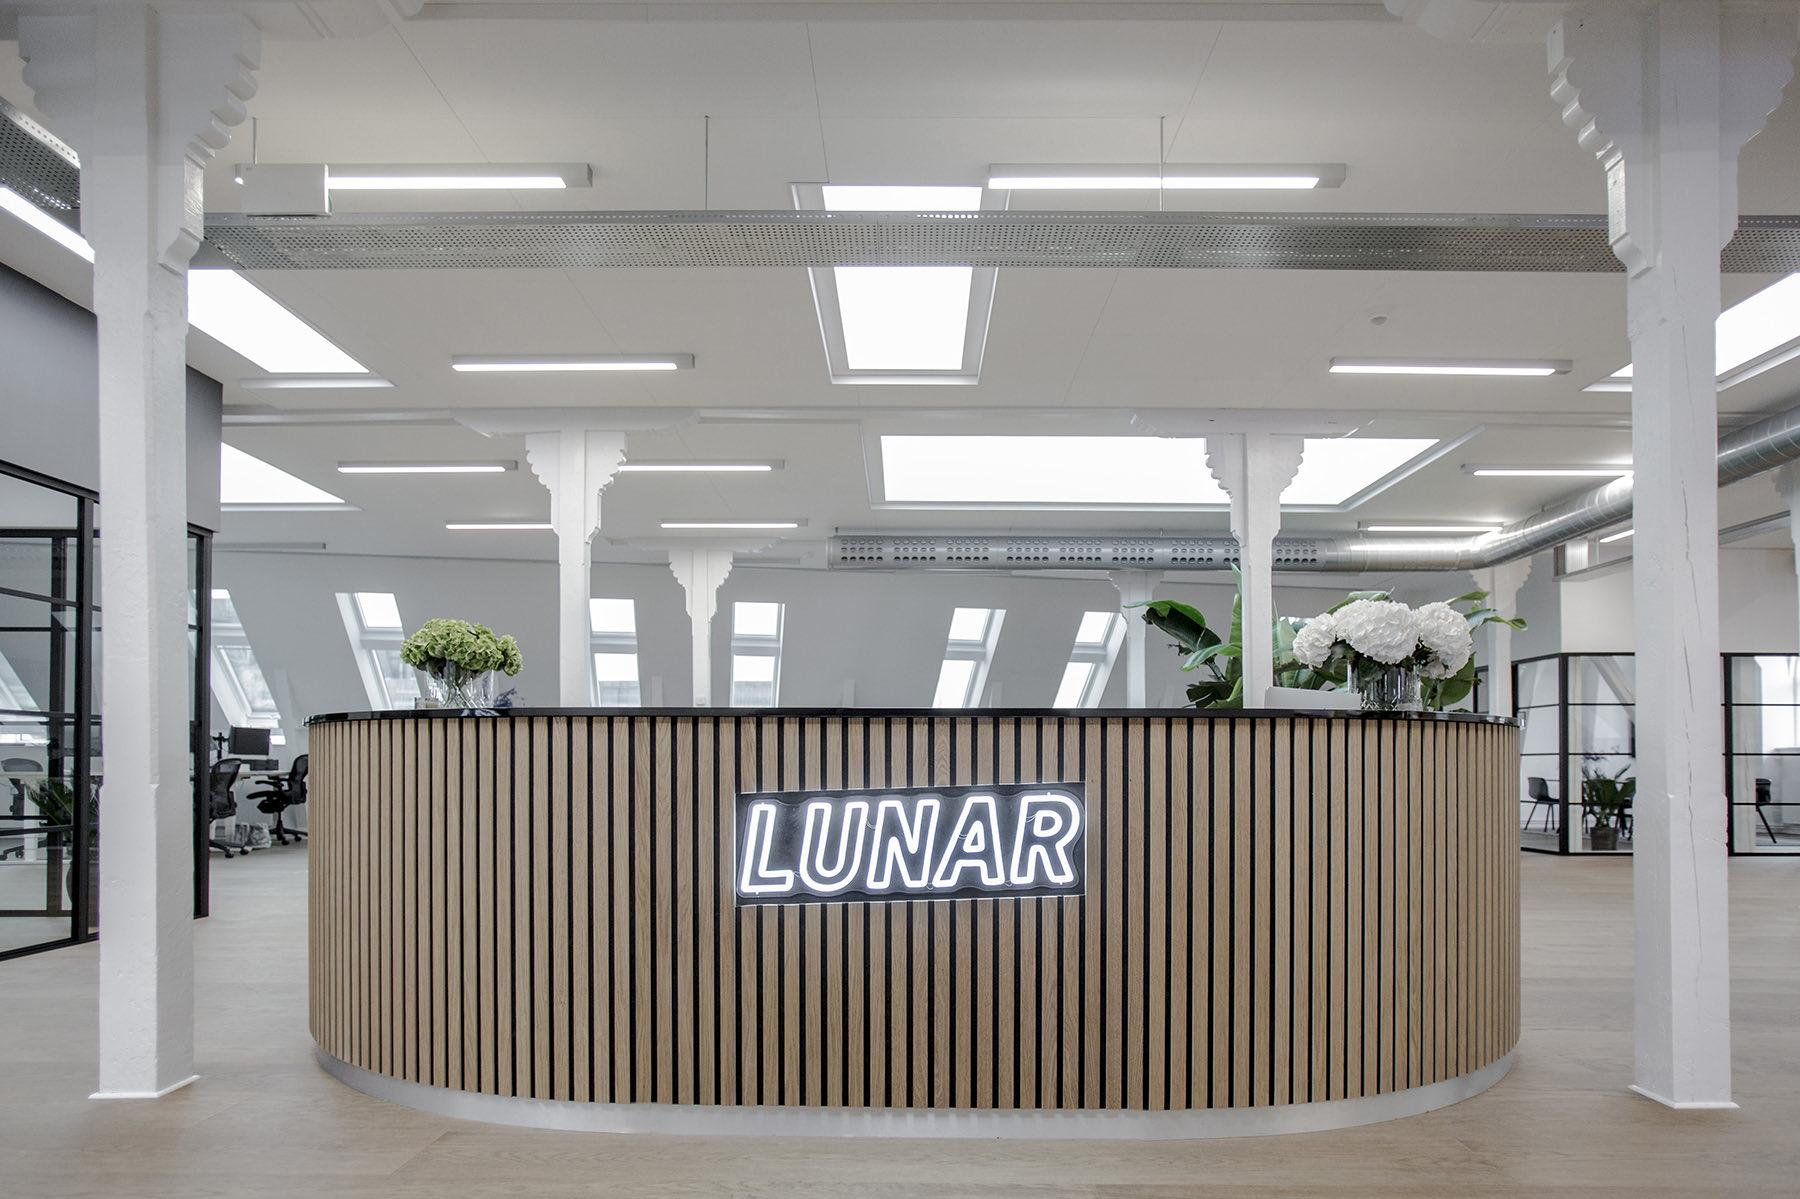 lunar-office-copenhagen-4